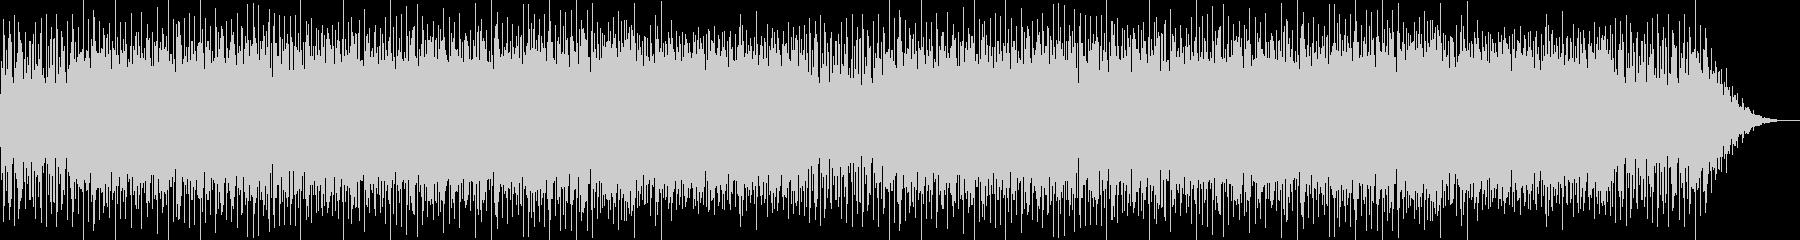 ほのぼのとしたかわいらしい明るい曲の未再生の波形